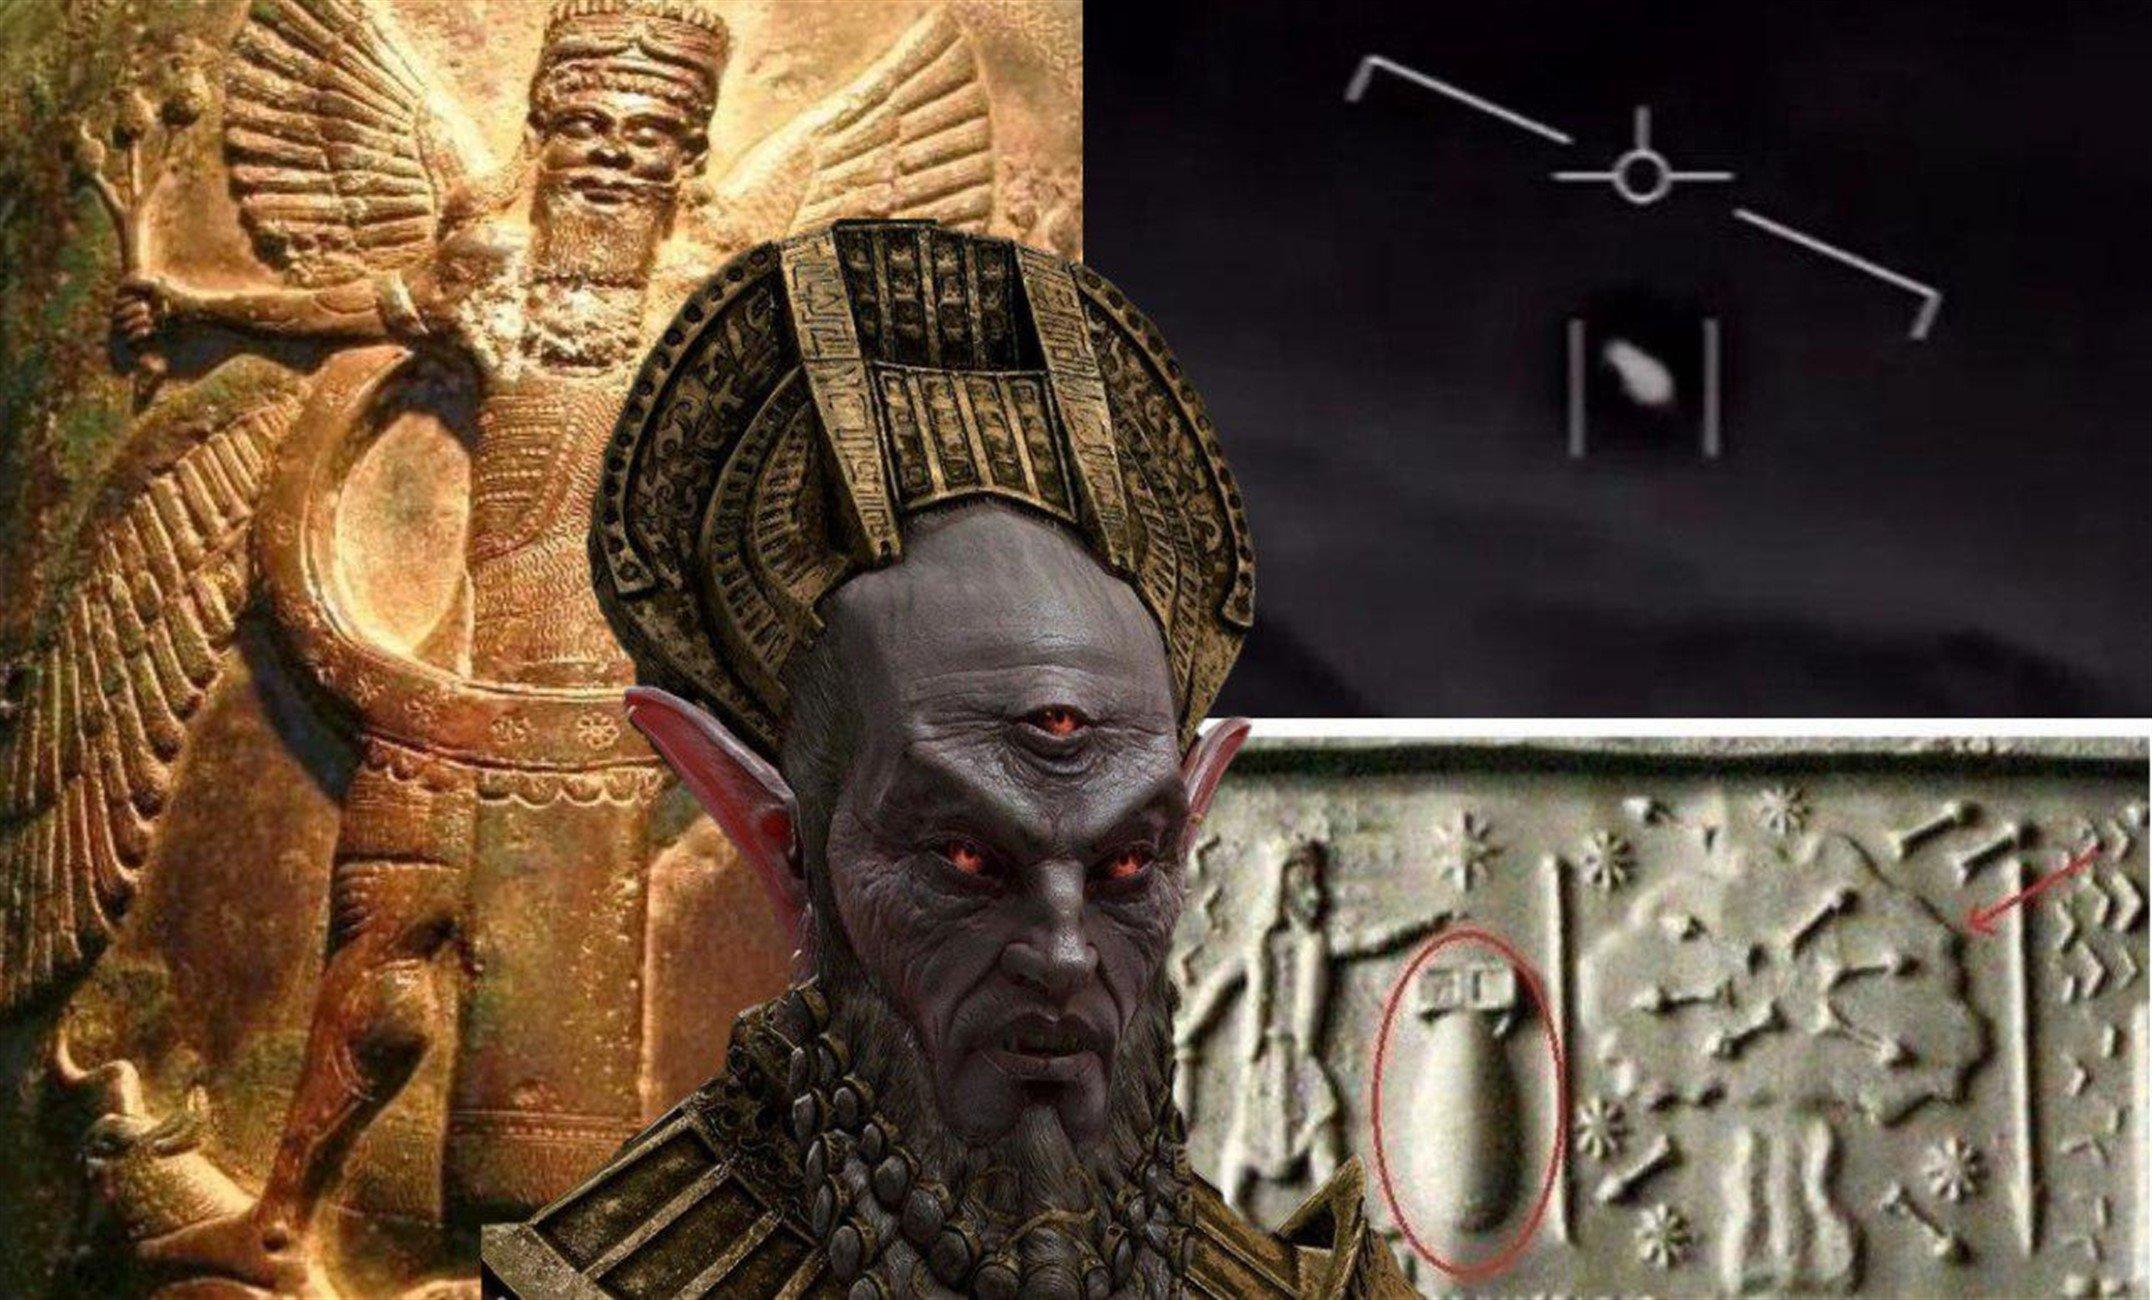 Зона 51, видео, пришельцы, Нибиру, НЛО, оружие, боеприпасы, шумеры, история, аномалия